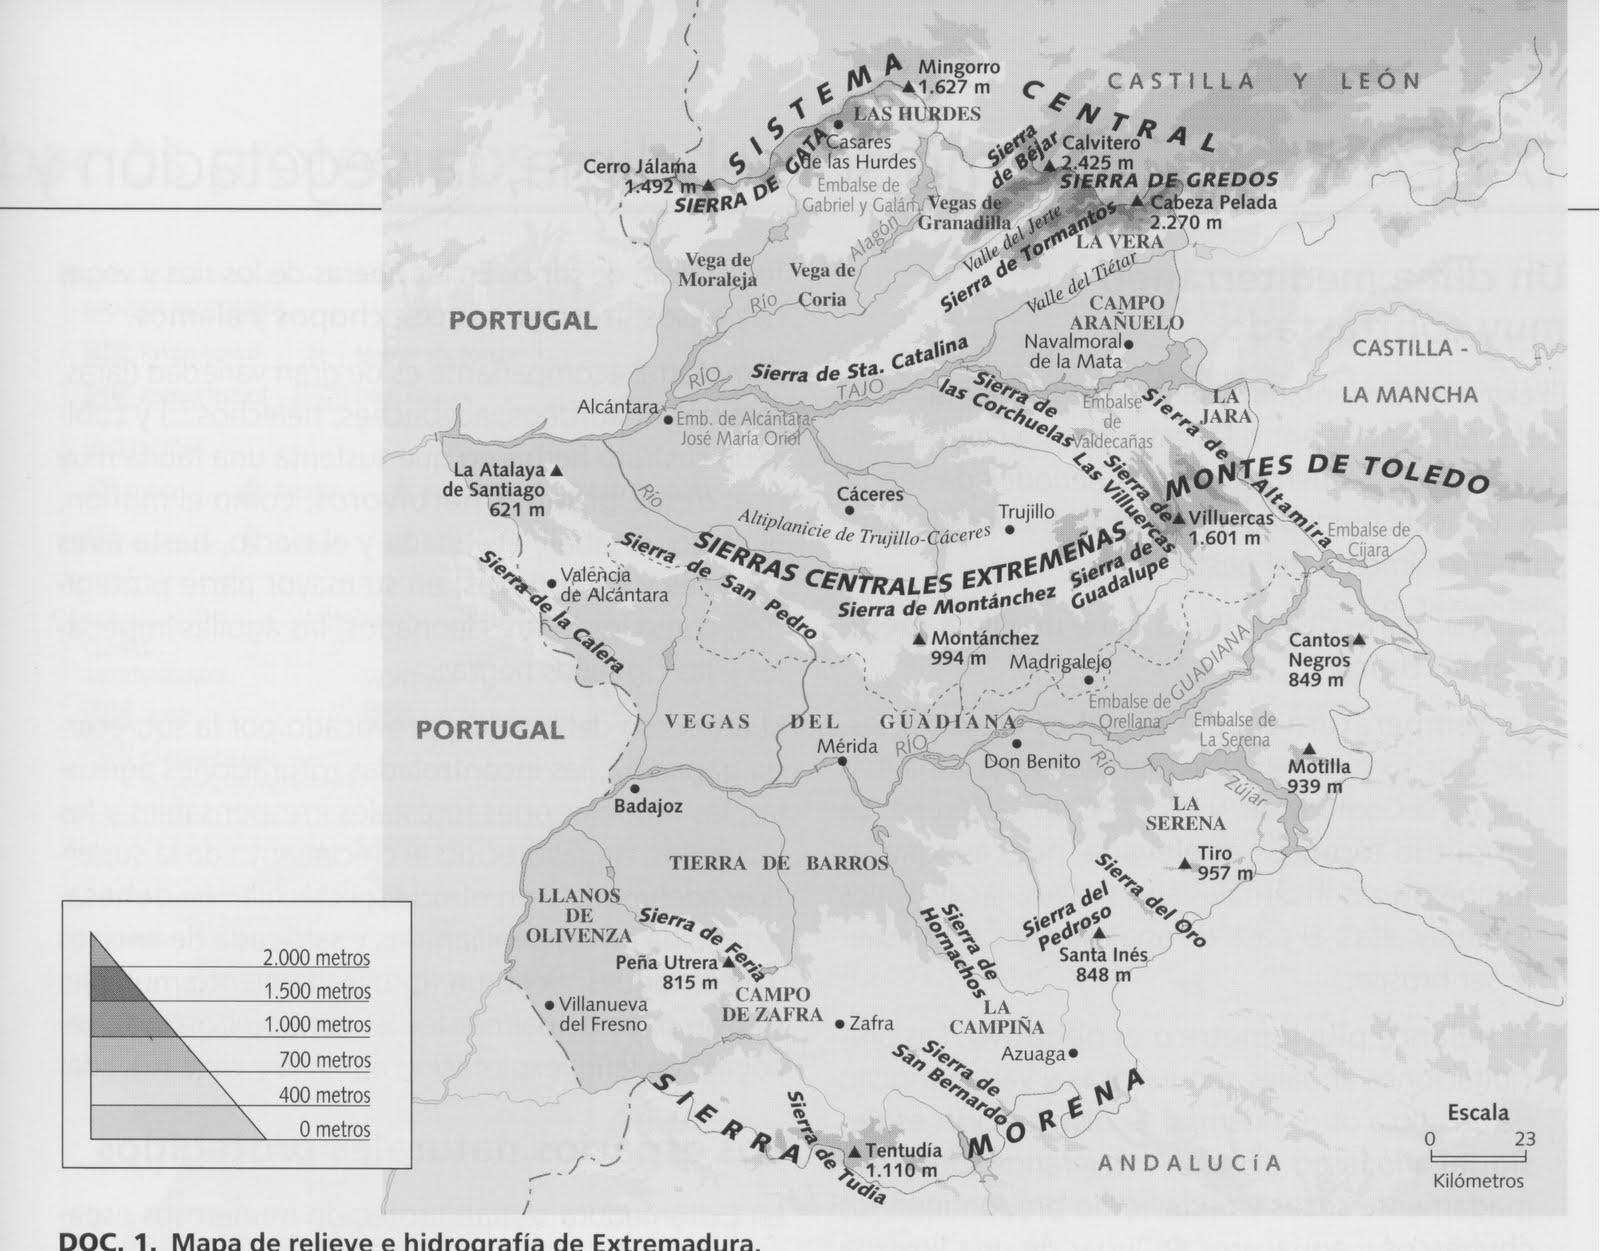 Mapa de Relieve y hidrografía de Extremadura